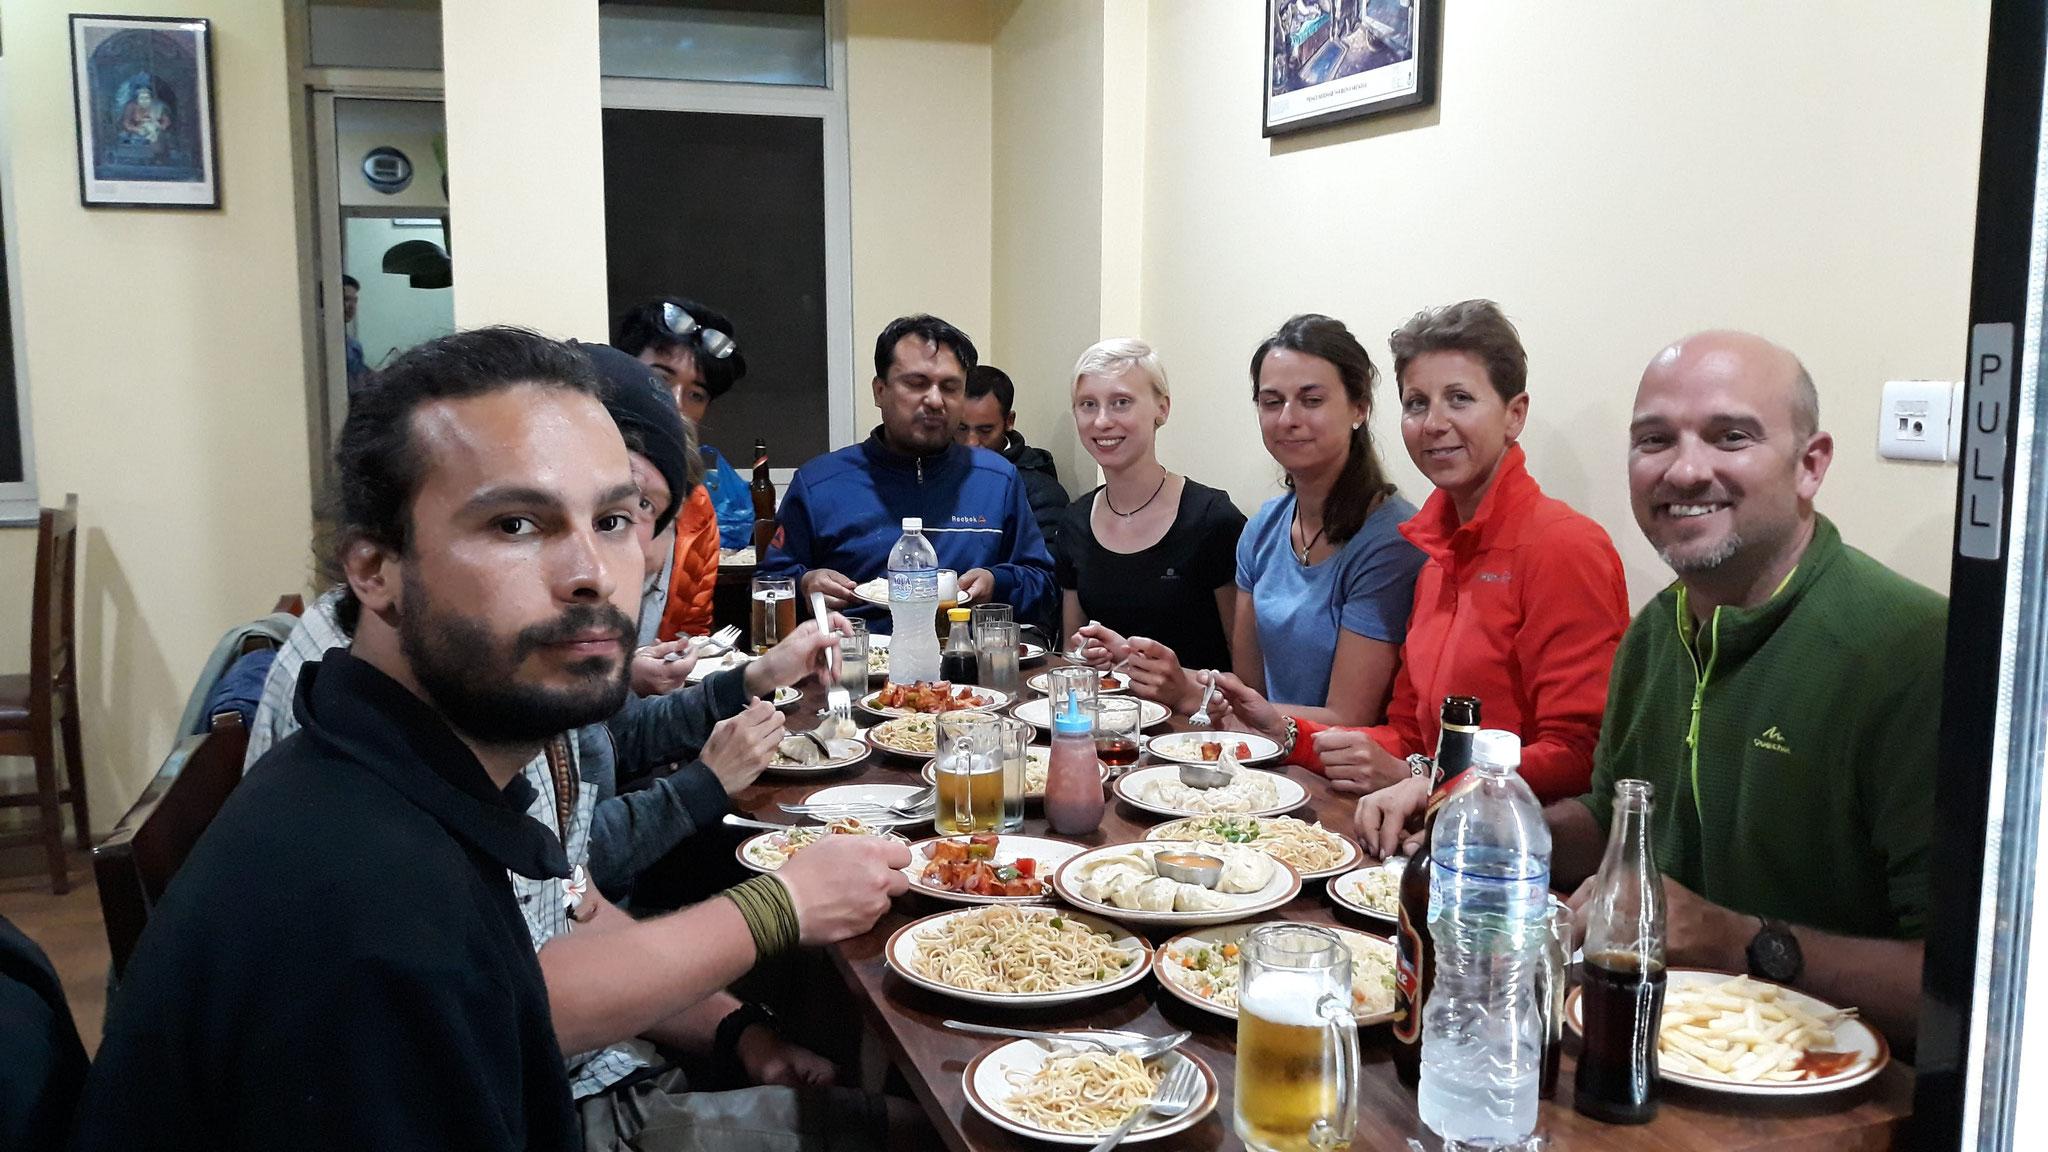 Abschiedsessen Kathmandu, eine wunderschöne Reise geht hier zu Ende